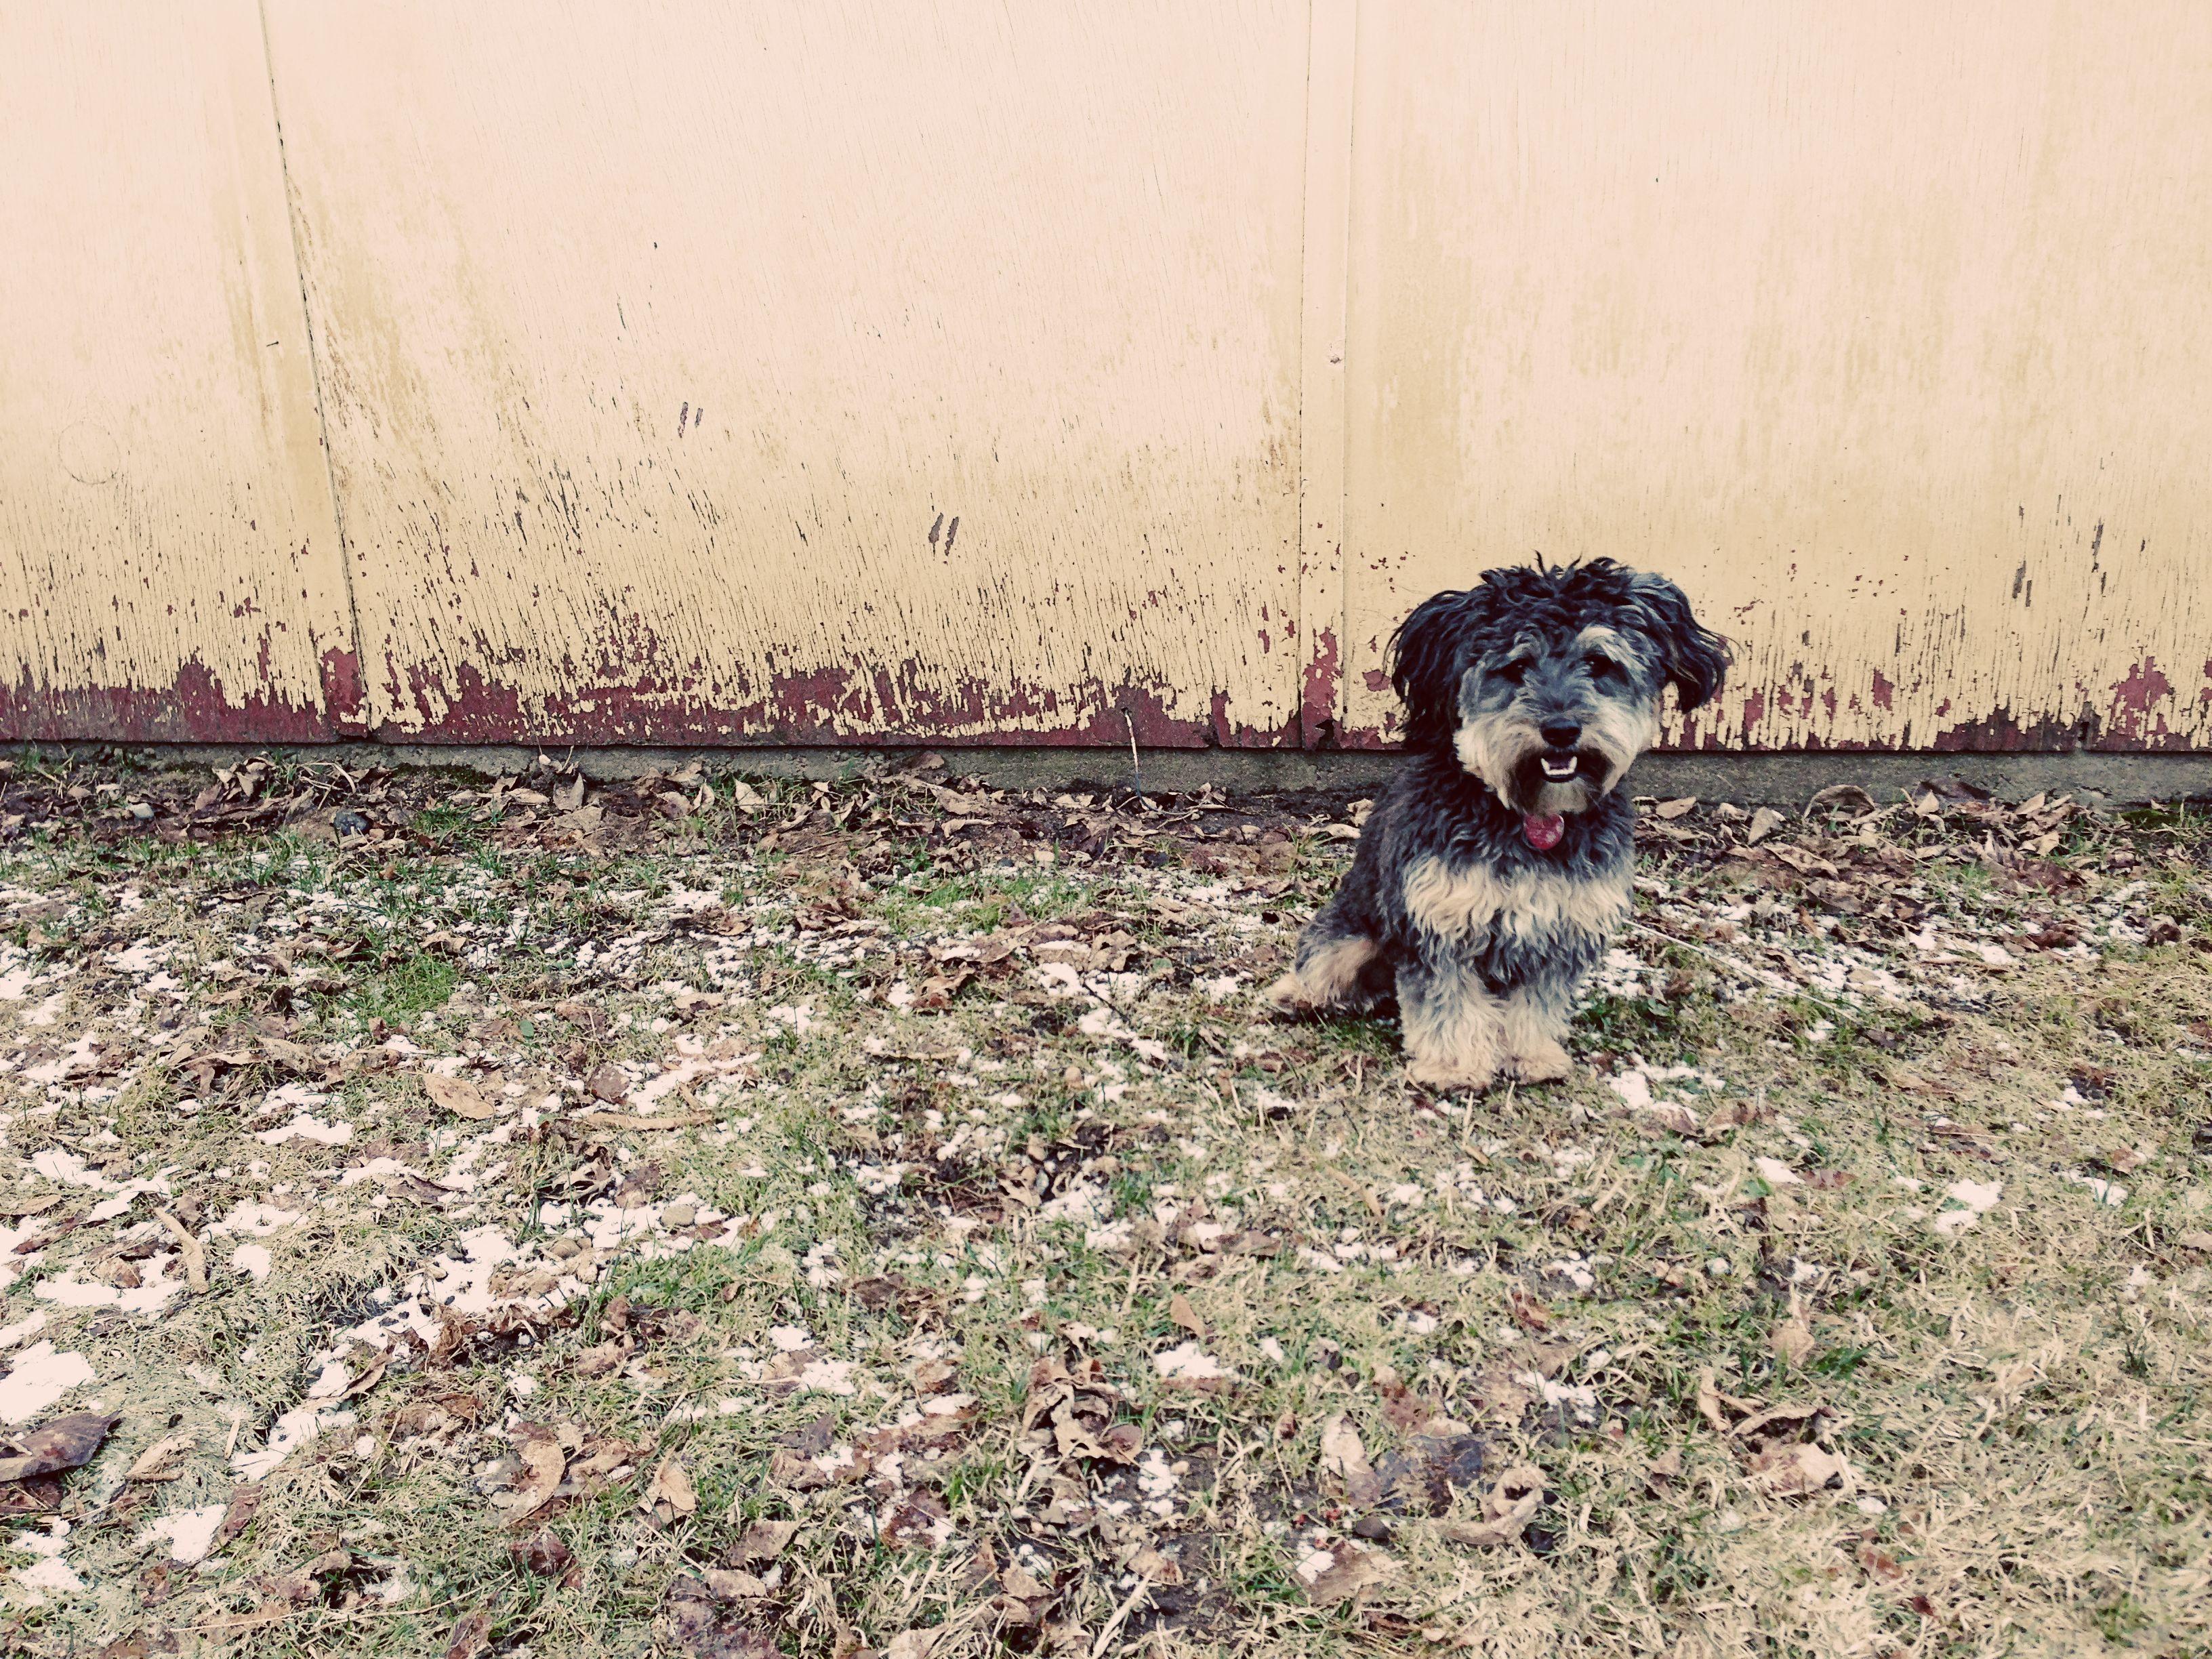 My Dog Mac Yorkie Poodle Yorkiepoo Ogden Utah Puppy Yorkie Poo Yorkie Dogs